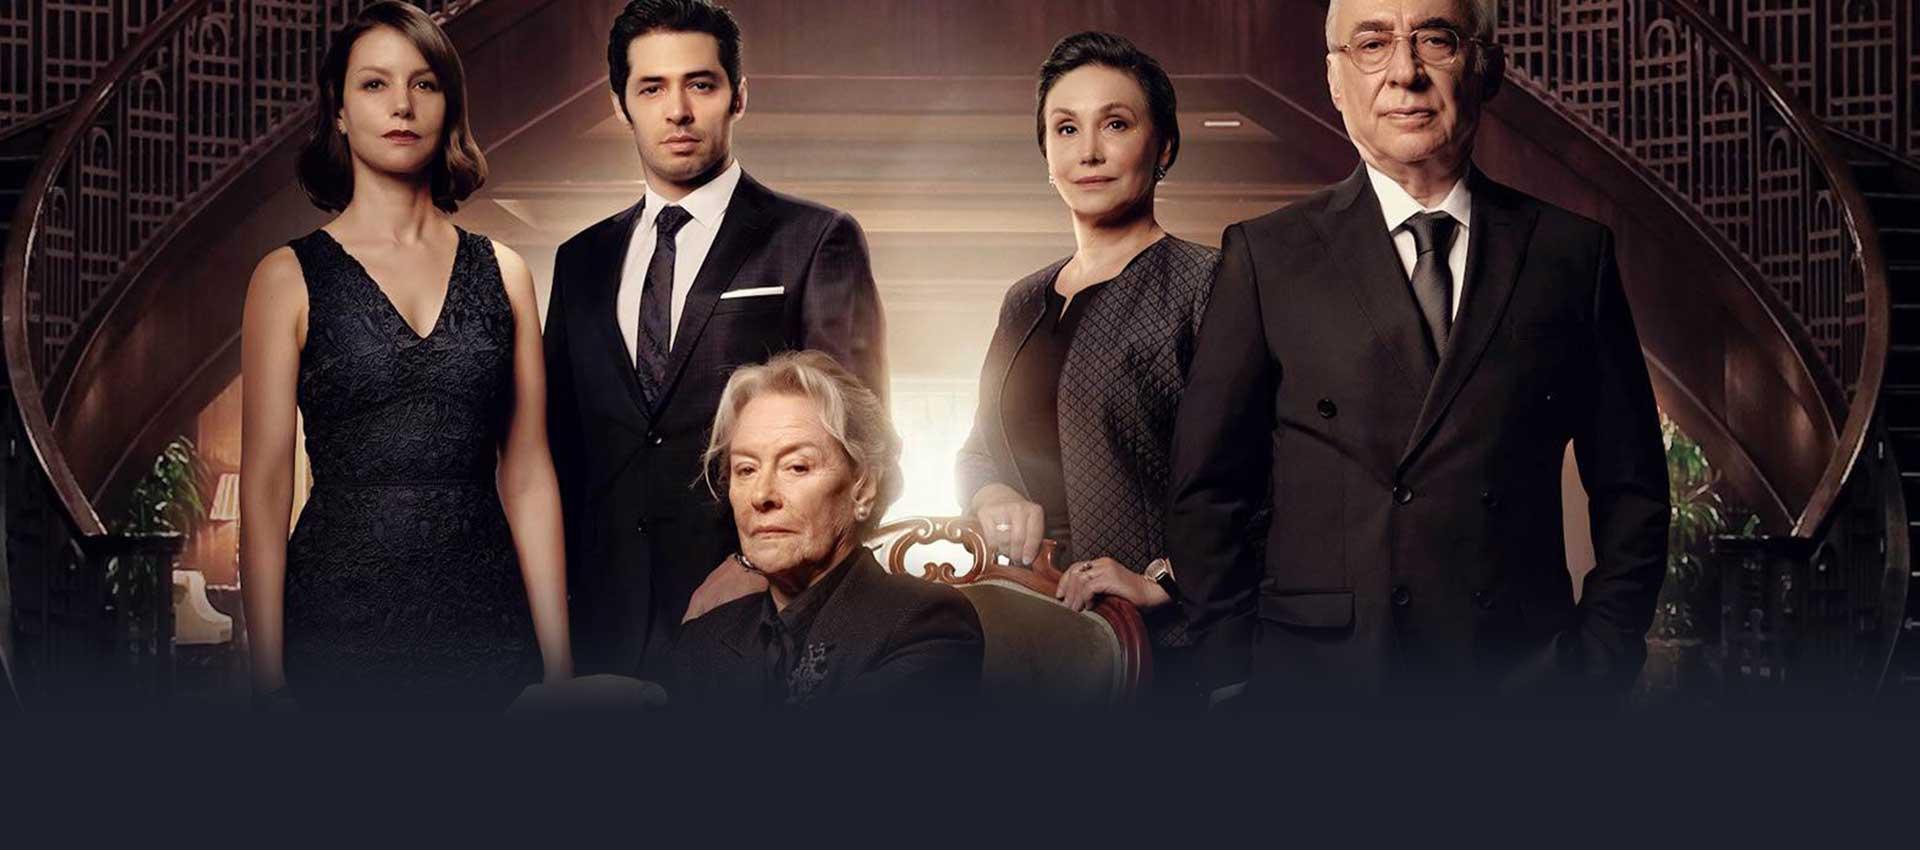 Yol Ayrımı İzle (2017) - Full İzle   TV+ türkçe izle hd izle